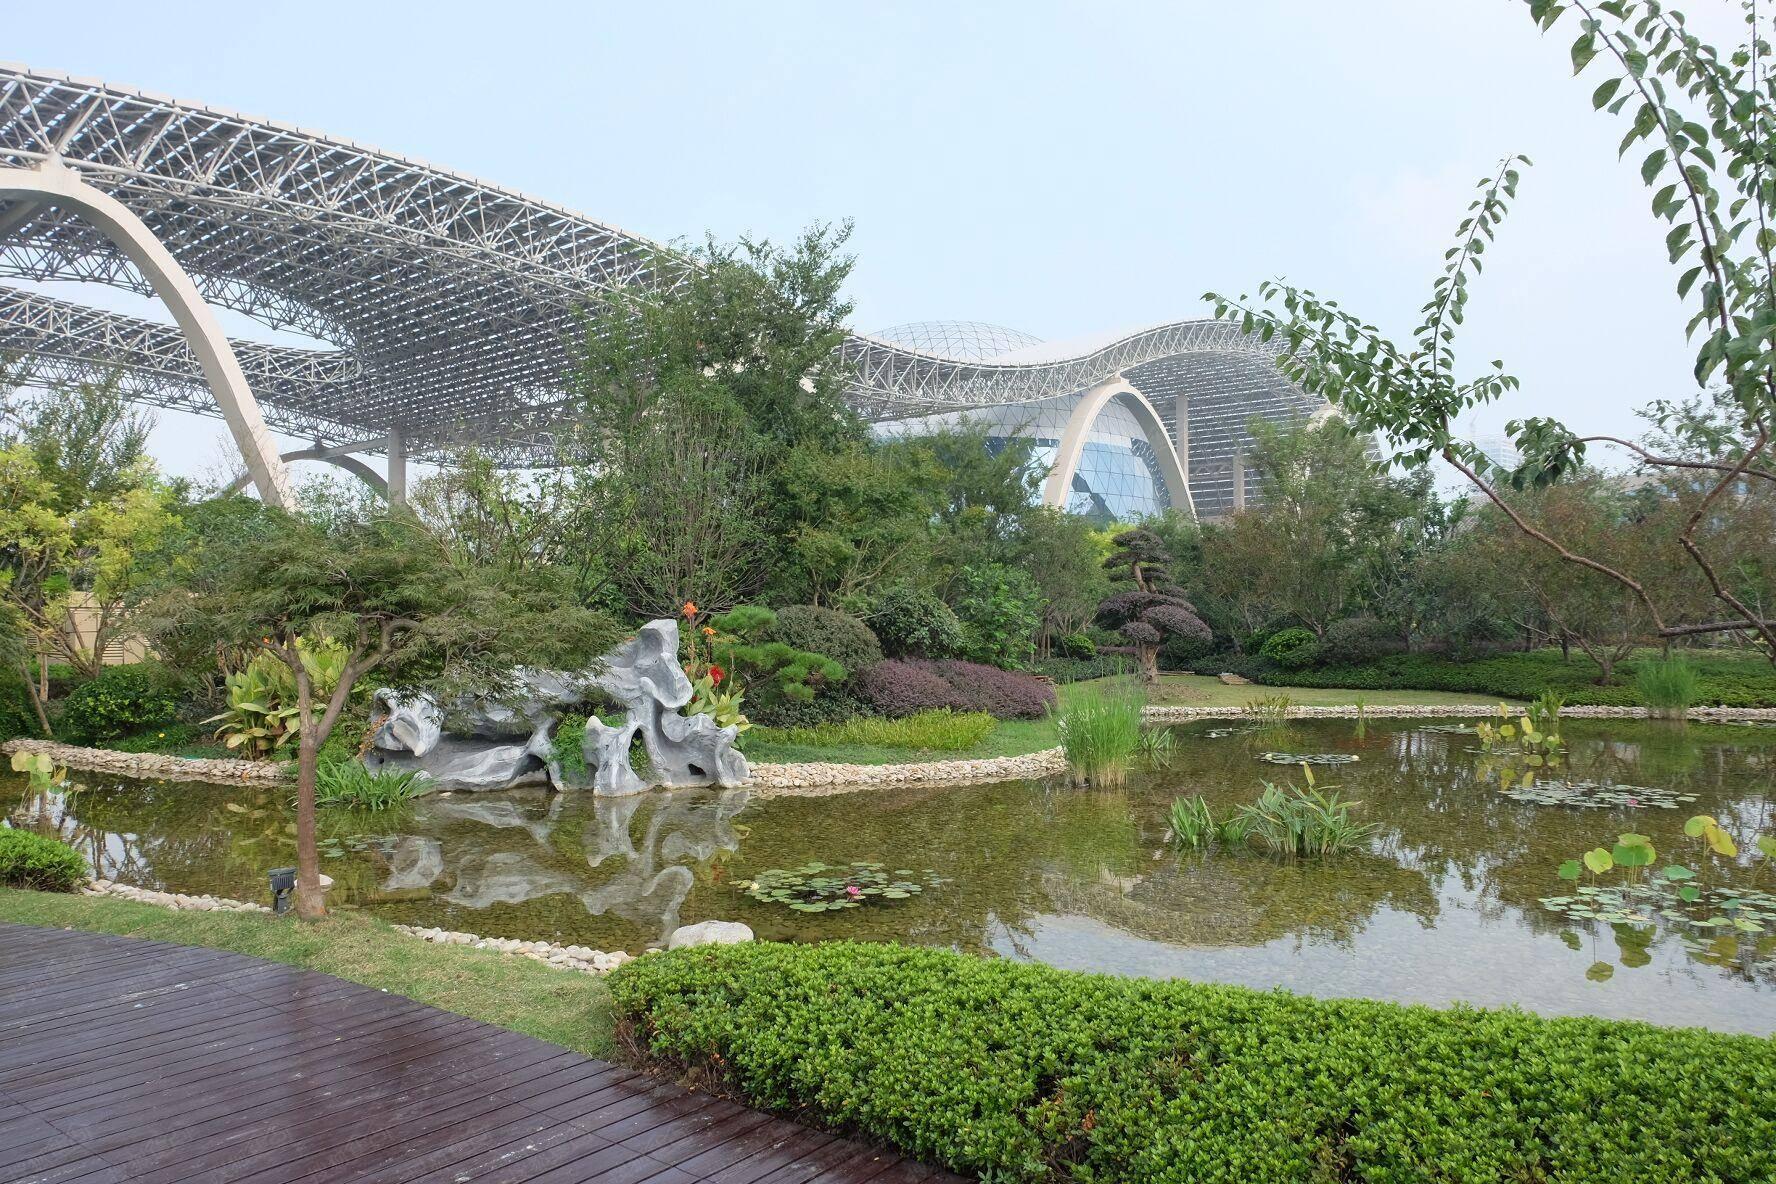 空中花园 这座屋顶花园不仅充满了浓浓的江南韵味,还拥有1万多株各类苗木树木,不仅为主会场增添了一抹绿色,更是杭州国际博览中心坚持绿色环保理念的佐证。据悉,这座屋顶花园除了降温隔热、美化环境、净化空气外,其景观水源均来自博览中心屋面的雨水回收利用系统,水源可以循环使用,鱼池里的水、水幕玻璃墙的水也都是取自附近的河水。 目前,杭州国际博览中心暂未对公众开放,但每天已有不少游客来到博览中心外围参观。据悉,后期待博览中心进一步完善后,公众将有机会进入博览中心参观,亲临G20杭州峰会主会场现场感受。